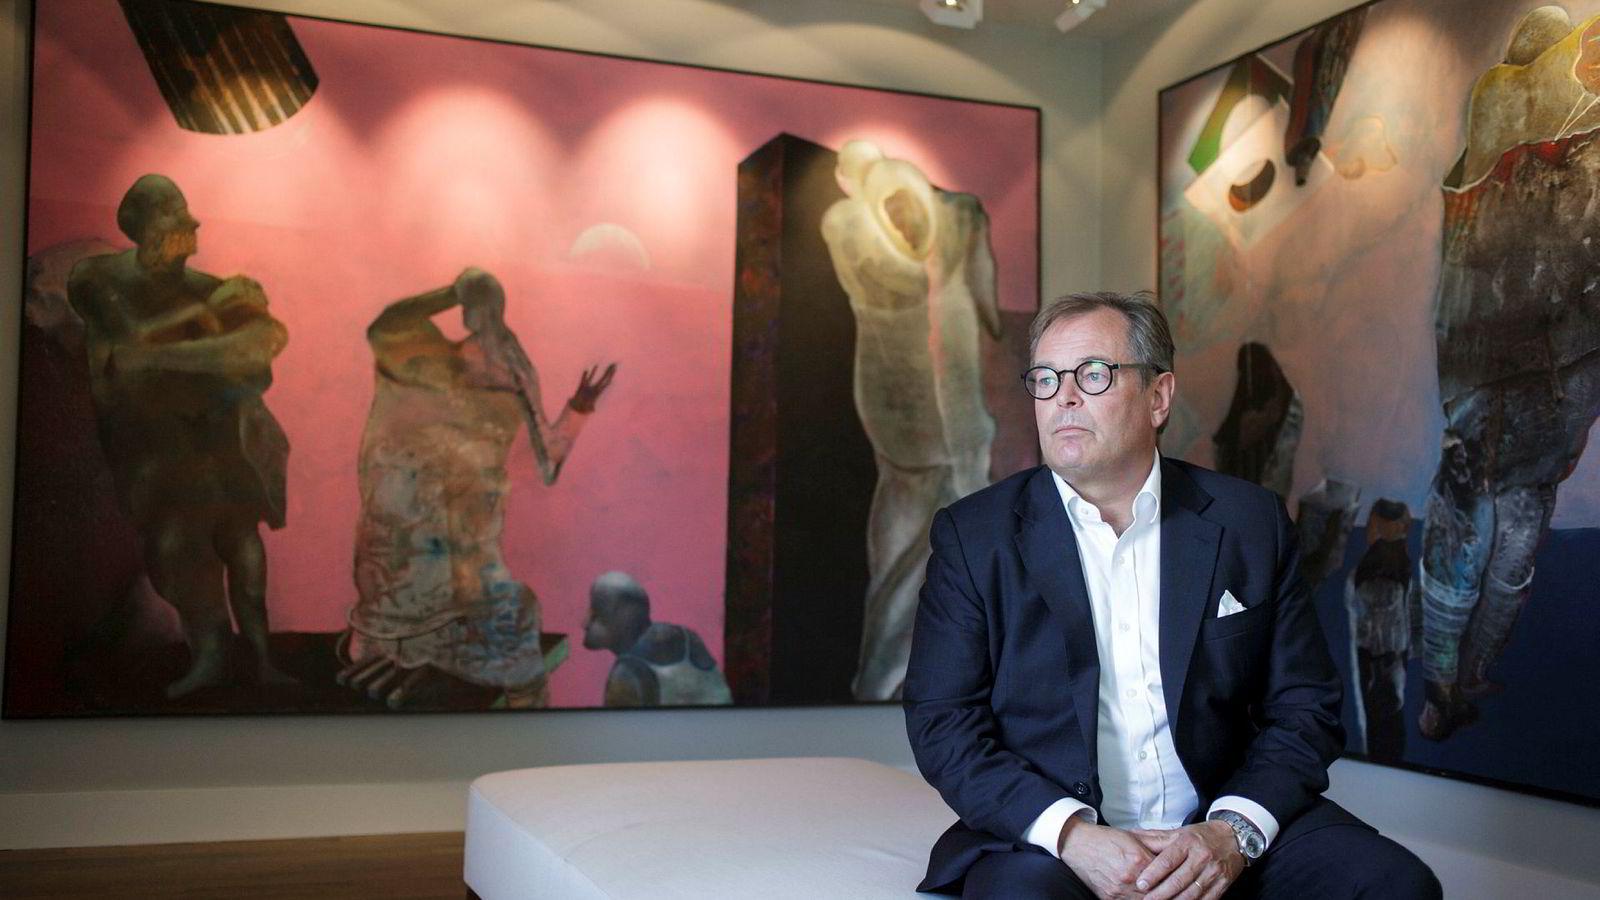 Administrerende direktør Knut Brundtland i meglerhuset ABG Sundal Collier erfarer at markedsuroen de siste ukene gjør det vanskeligere å sluttføre transaksjoner.